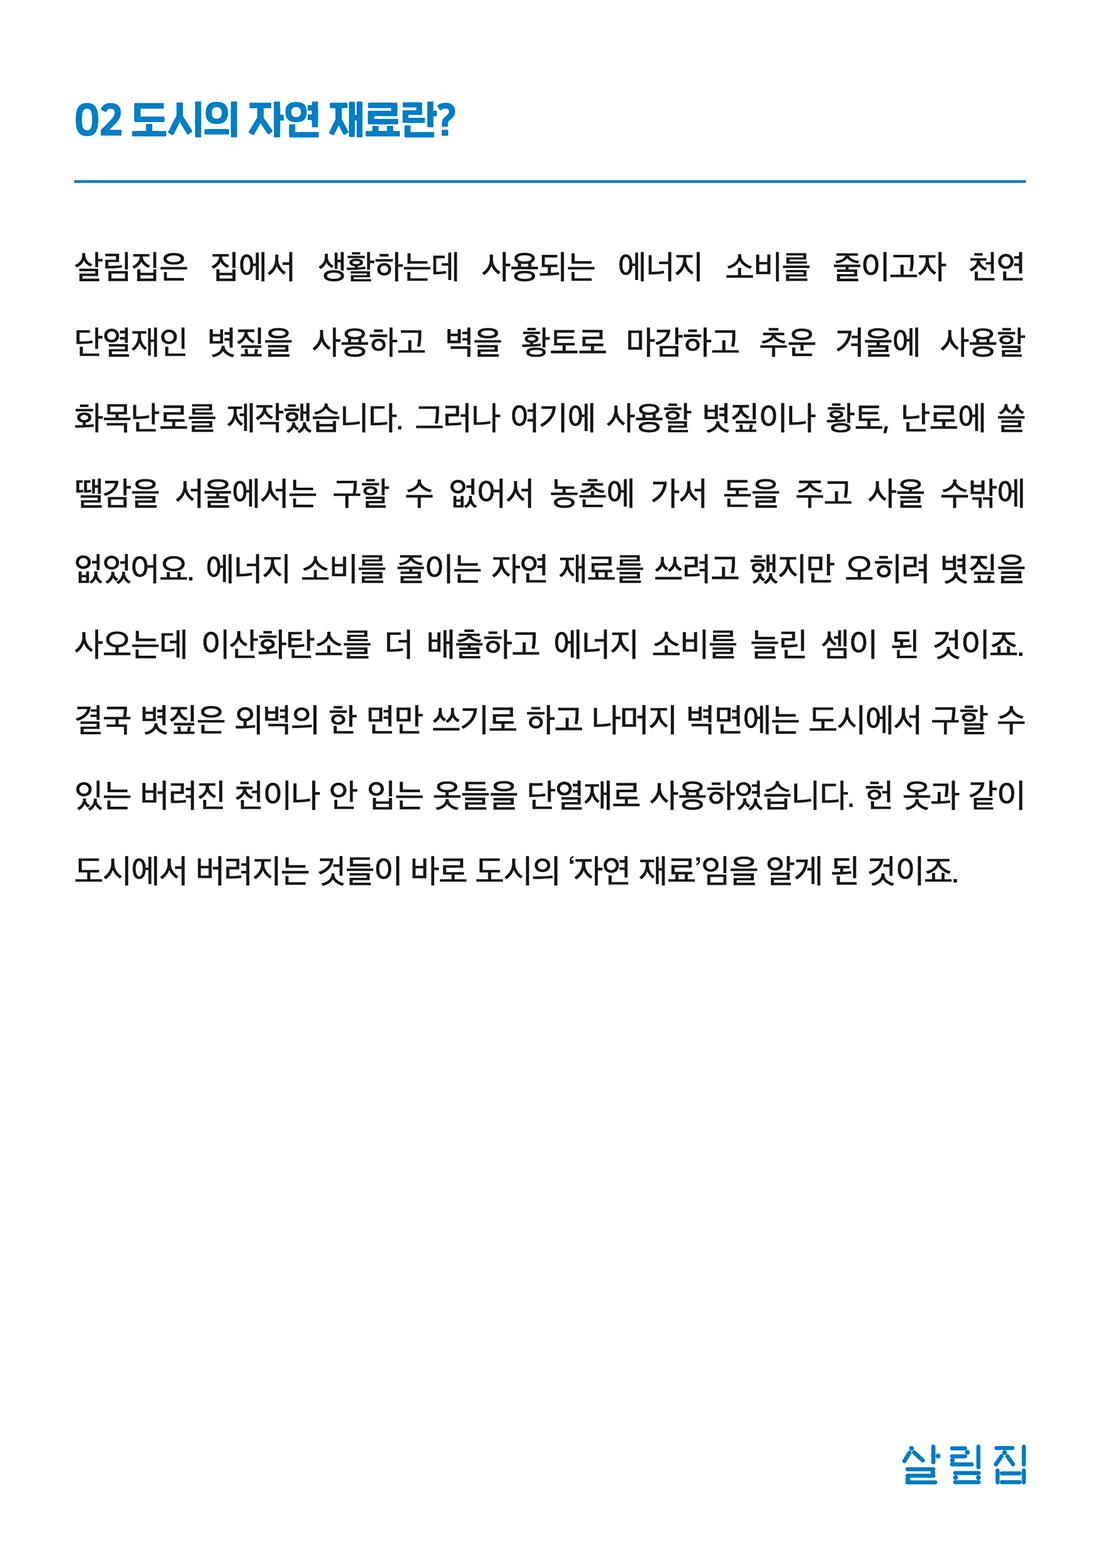 리플렛최종2-2.png